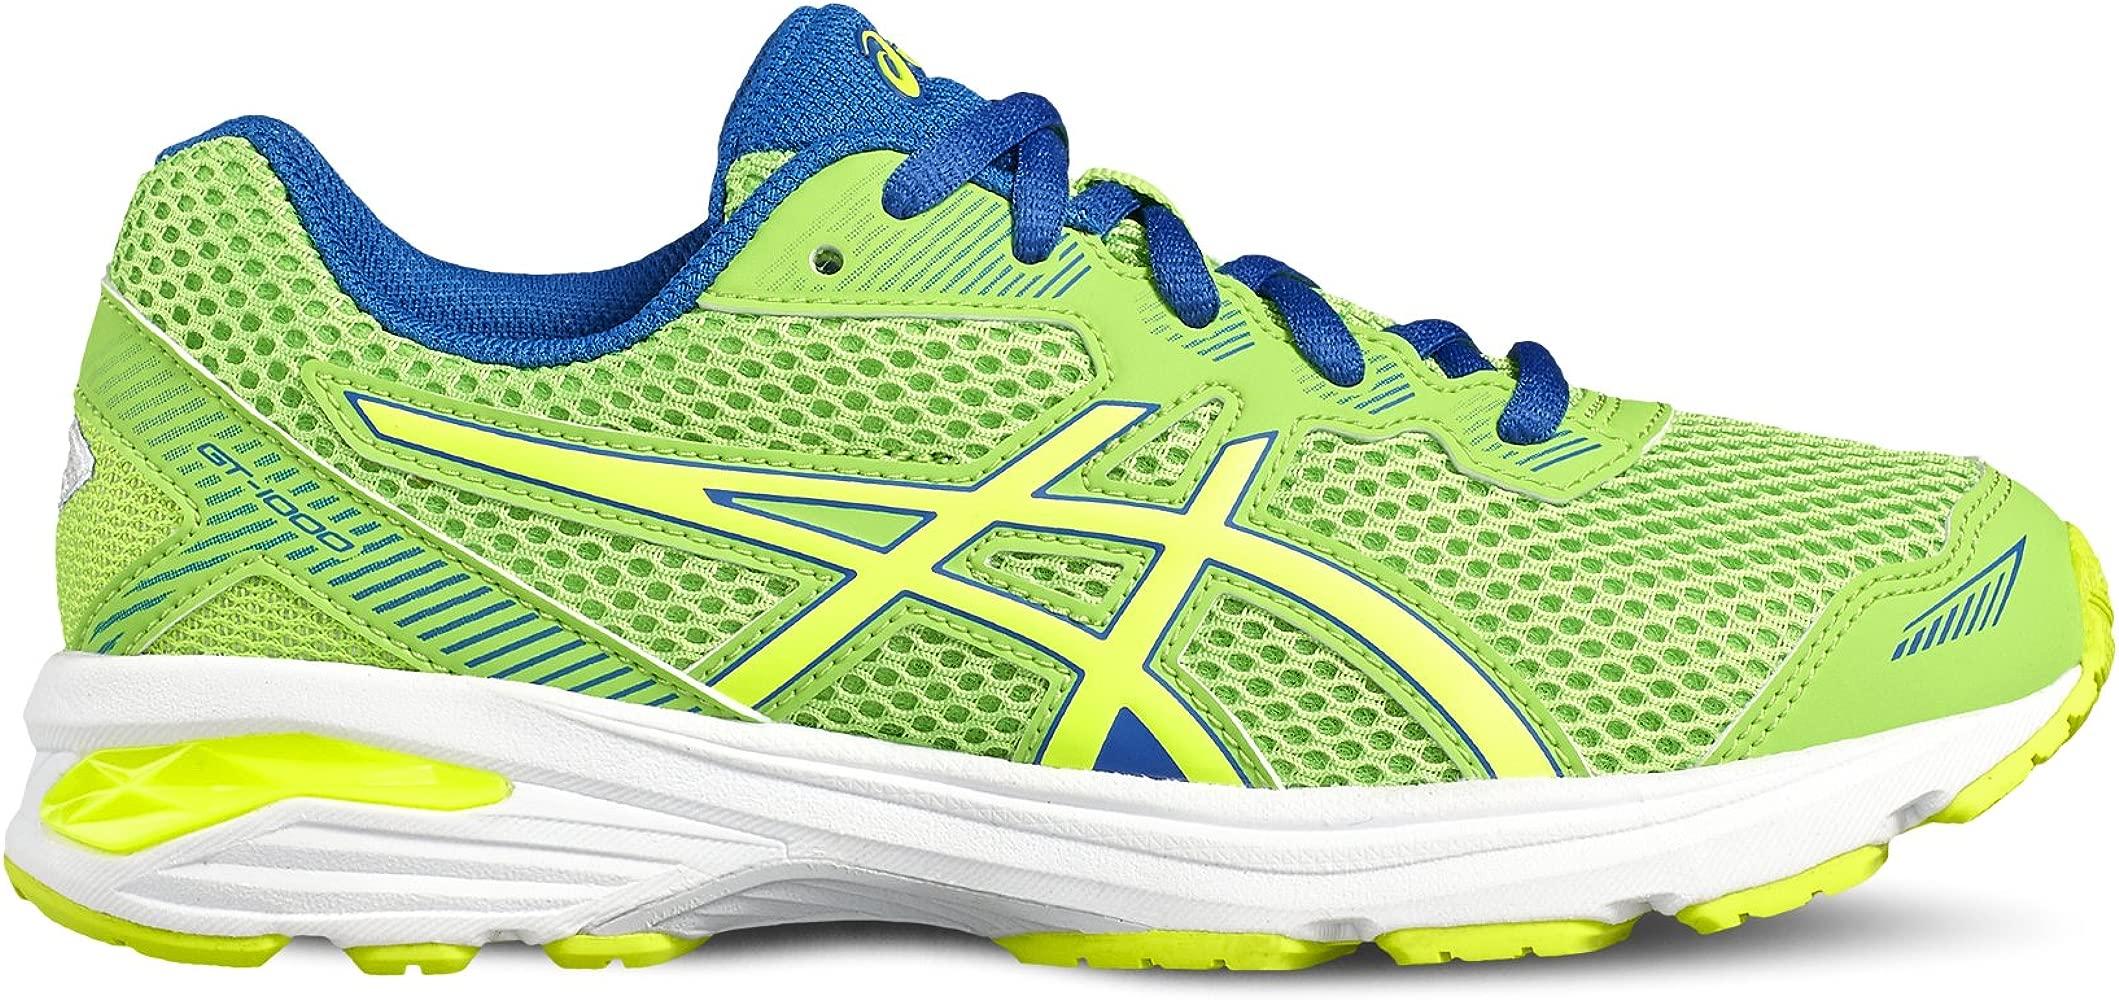 mens mizuno running shoes size 9.5 eu west african shoe designers